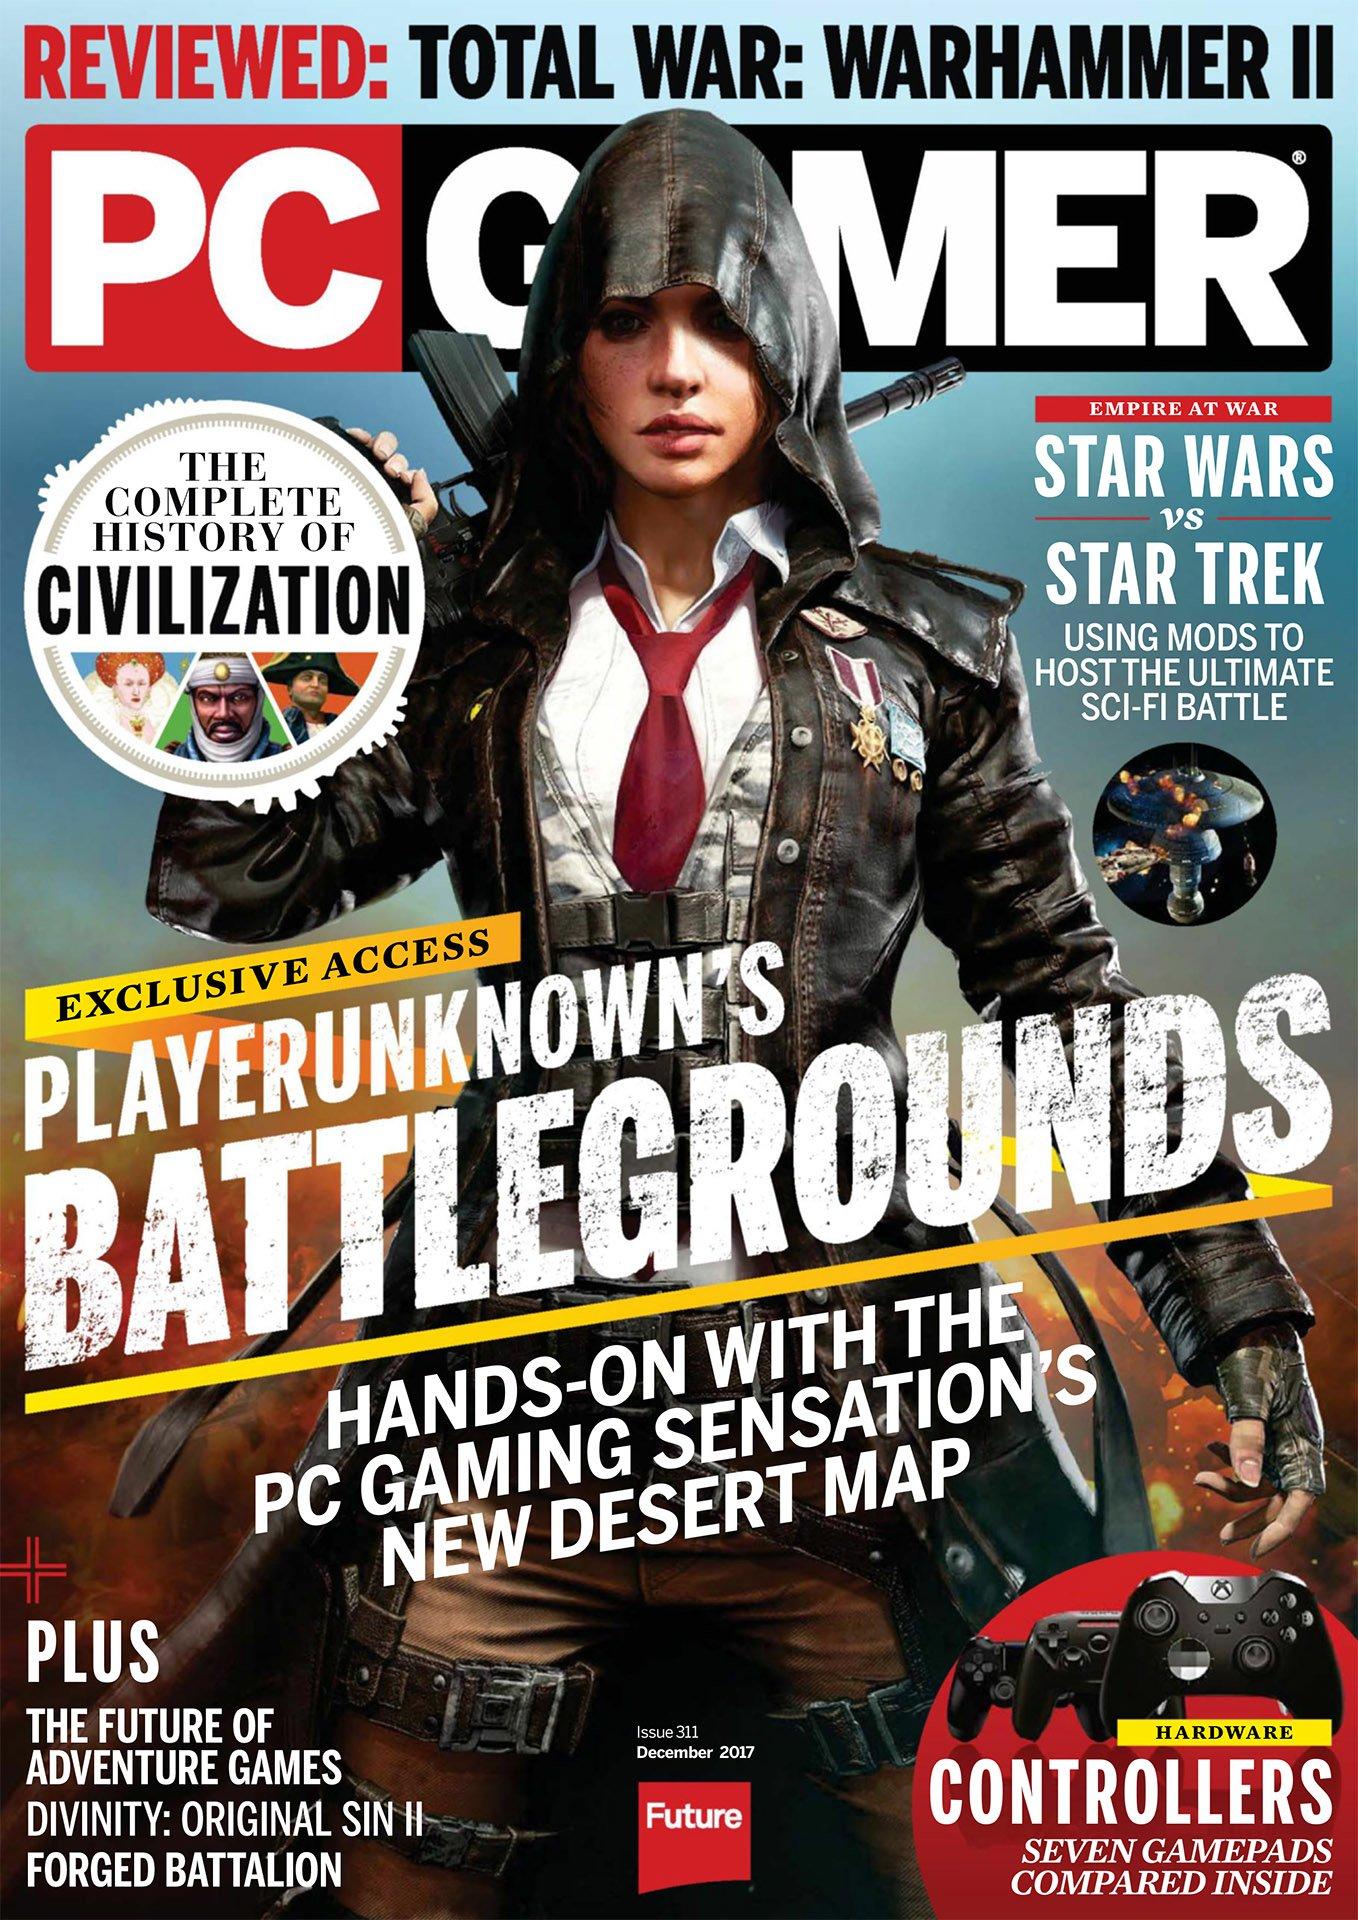 PC Gamer UK 311 (December 2017)